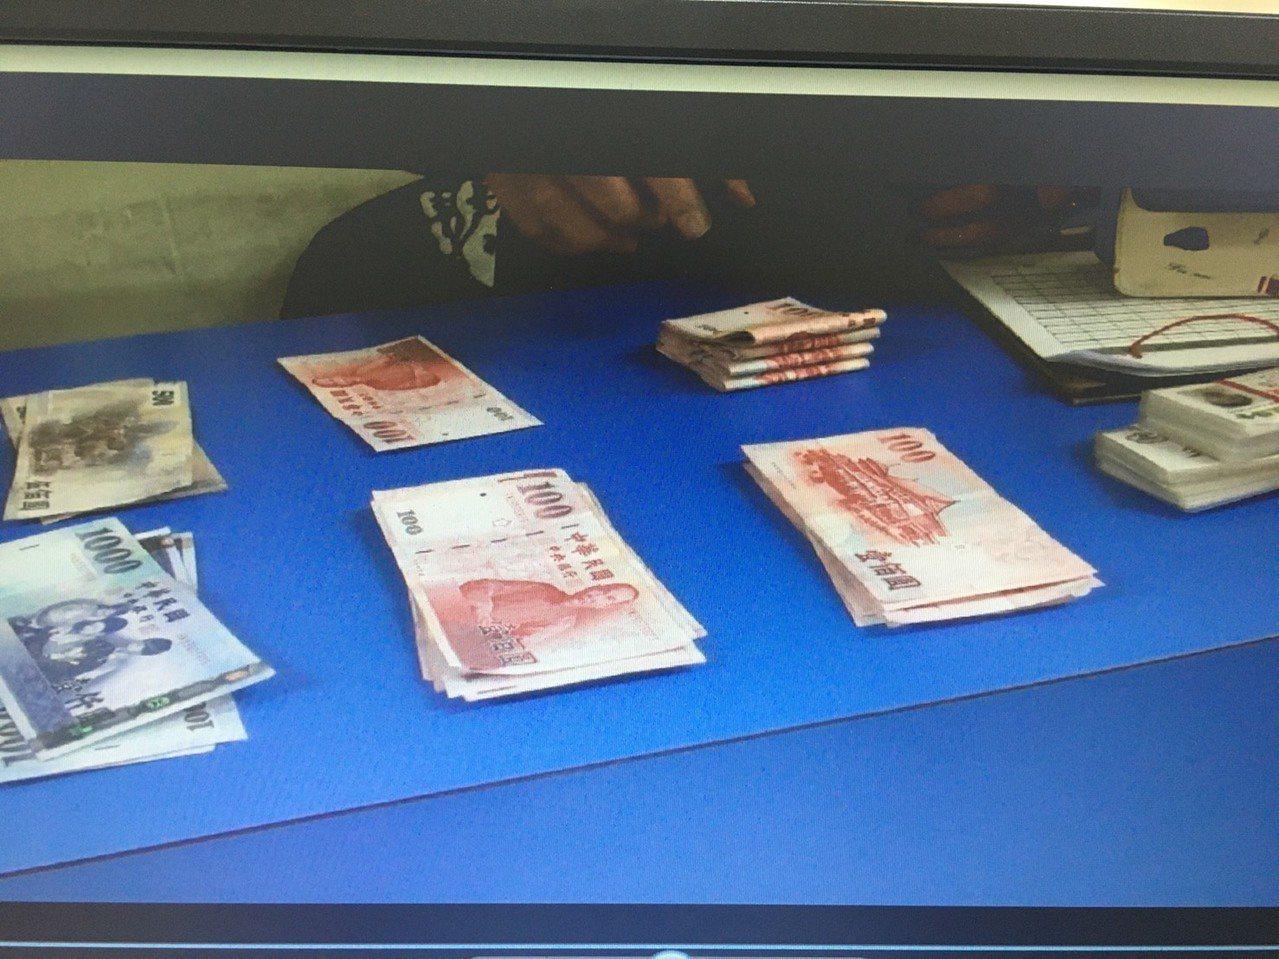 新竹市警察局於10月22日至28日執行「全國同步查緝賭博專案行動」,查緝轄內職業...